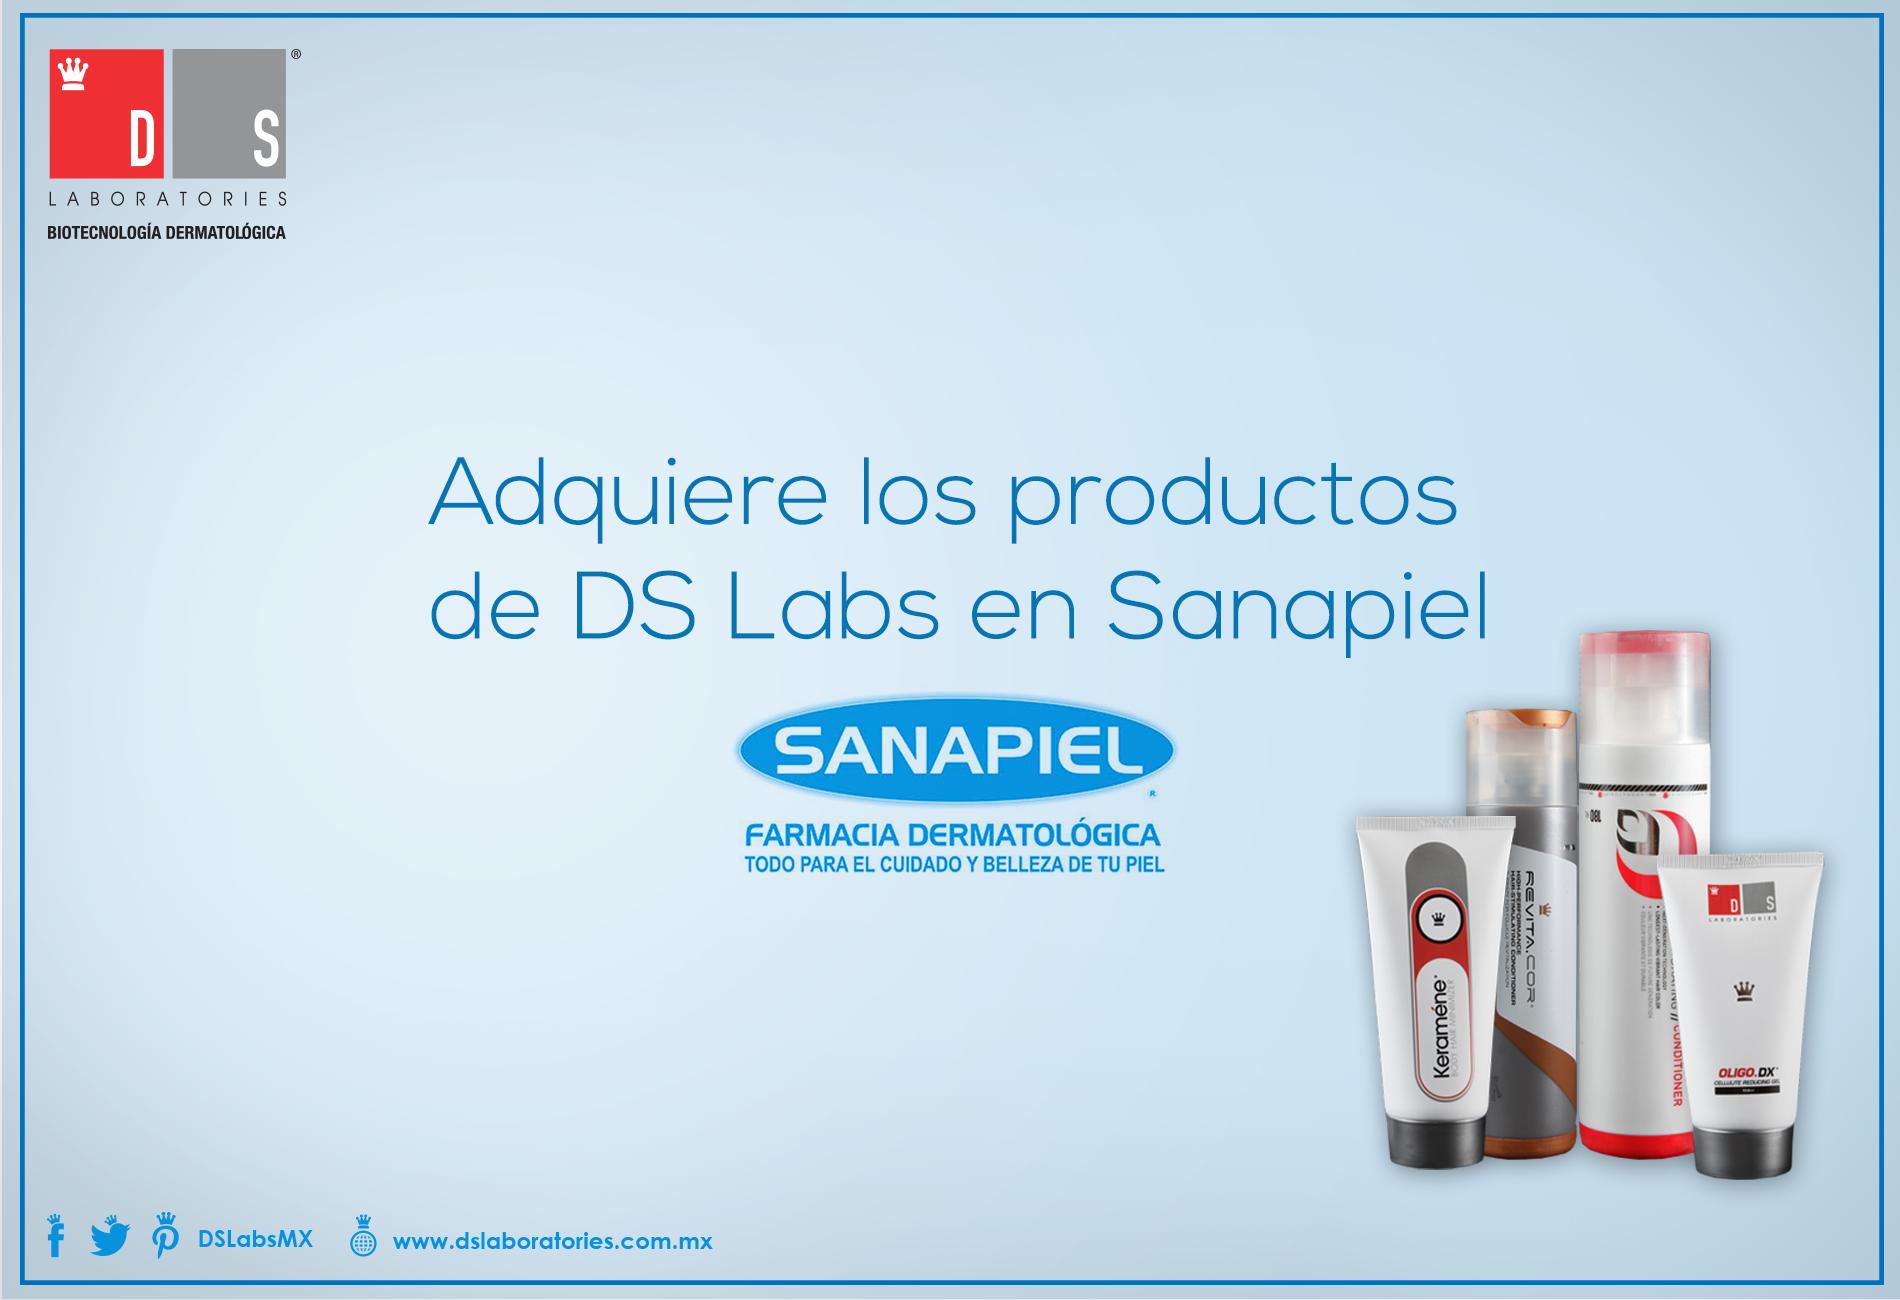 ¿Te encuentras en el estado de #Jalisco? También puedes adquirir nuestros productos en Sanapiel Farmacia Dermatológica.